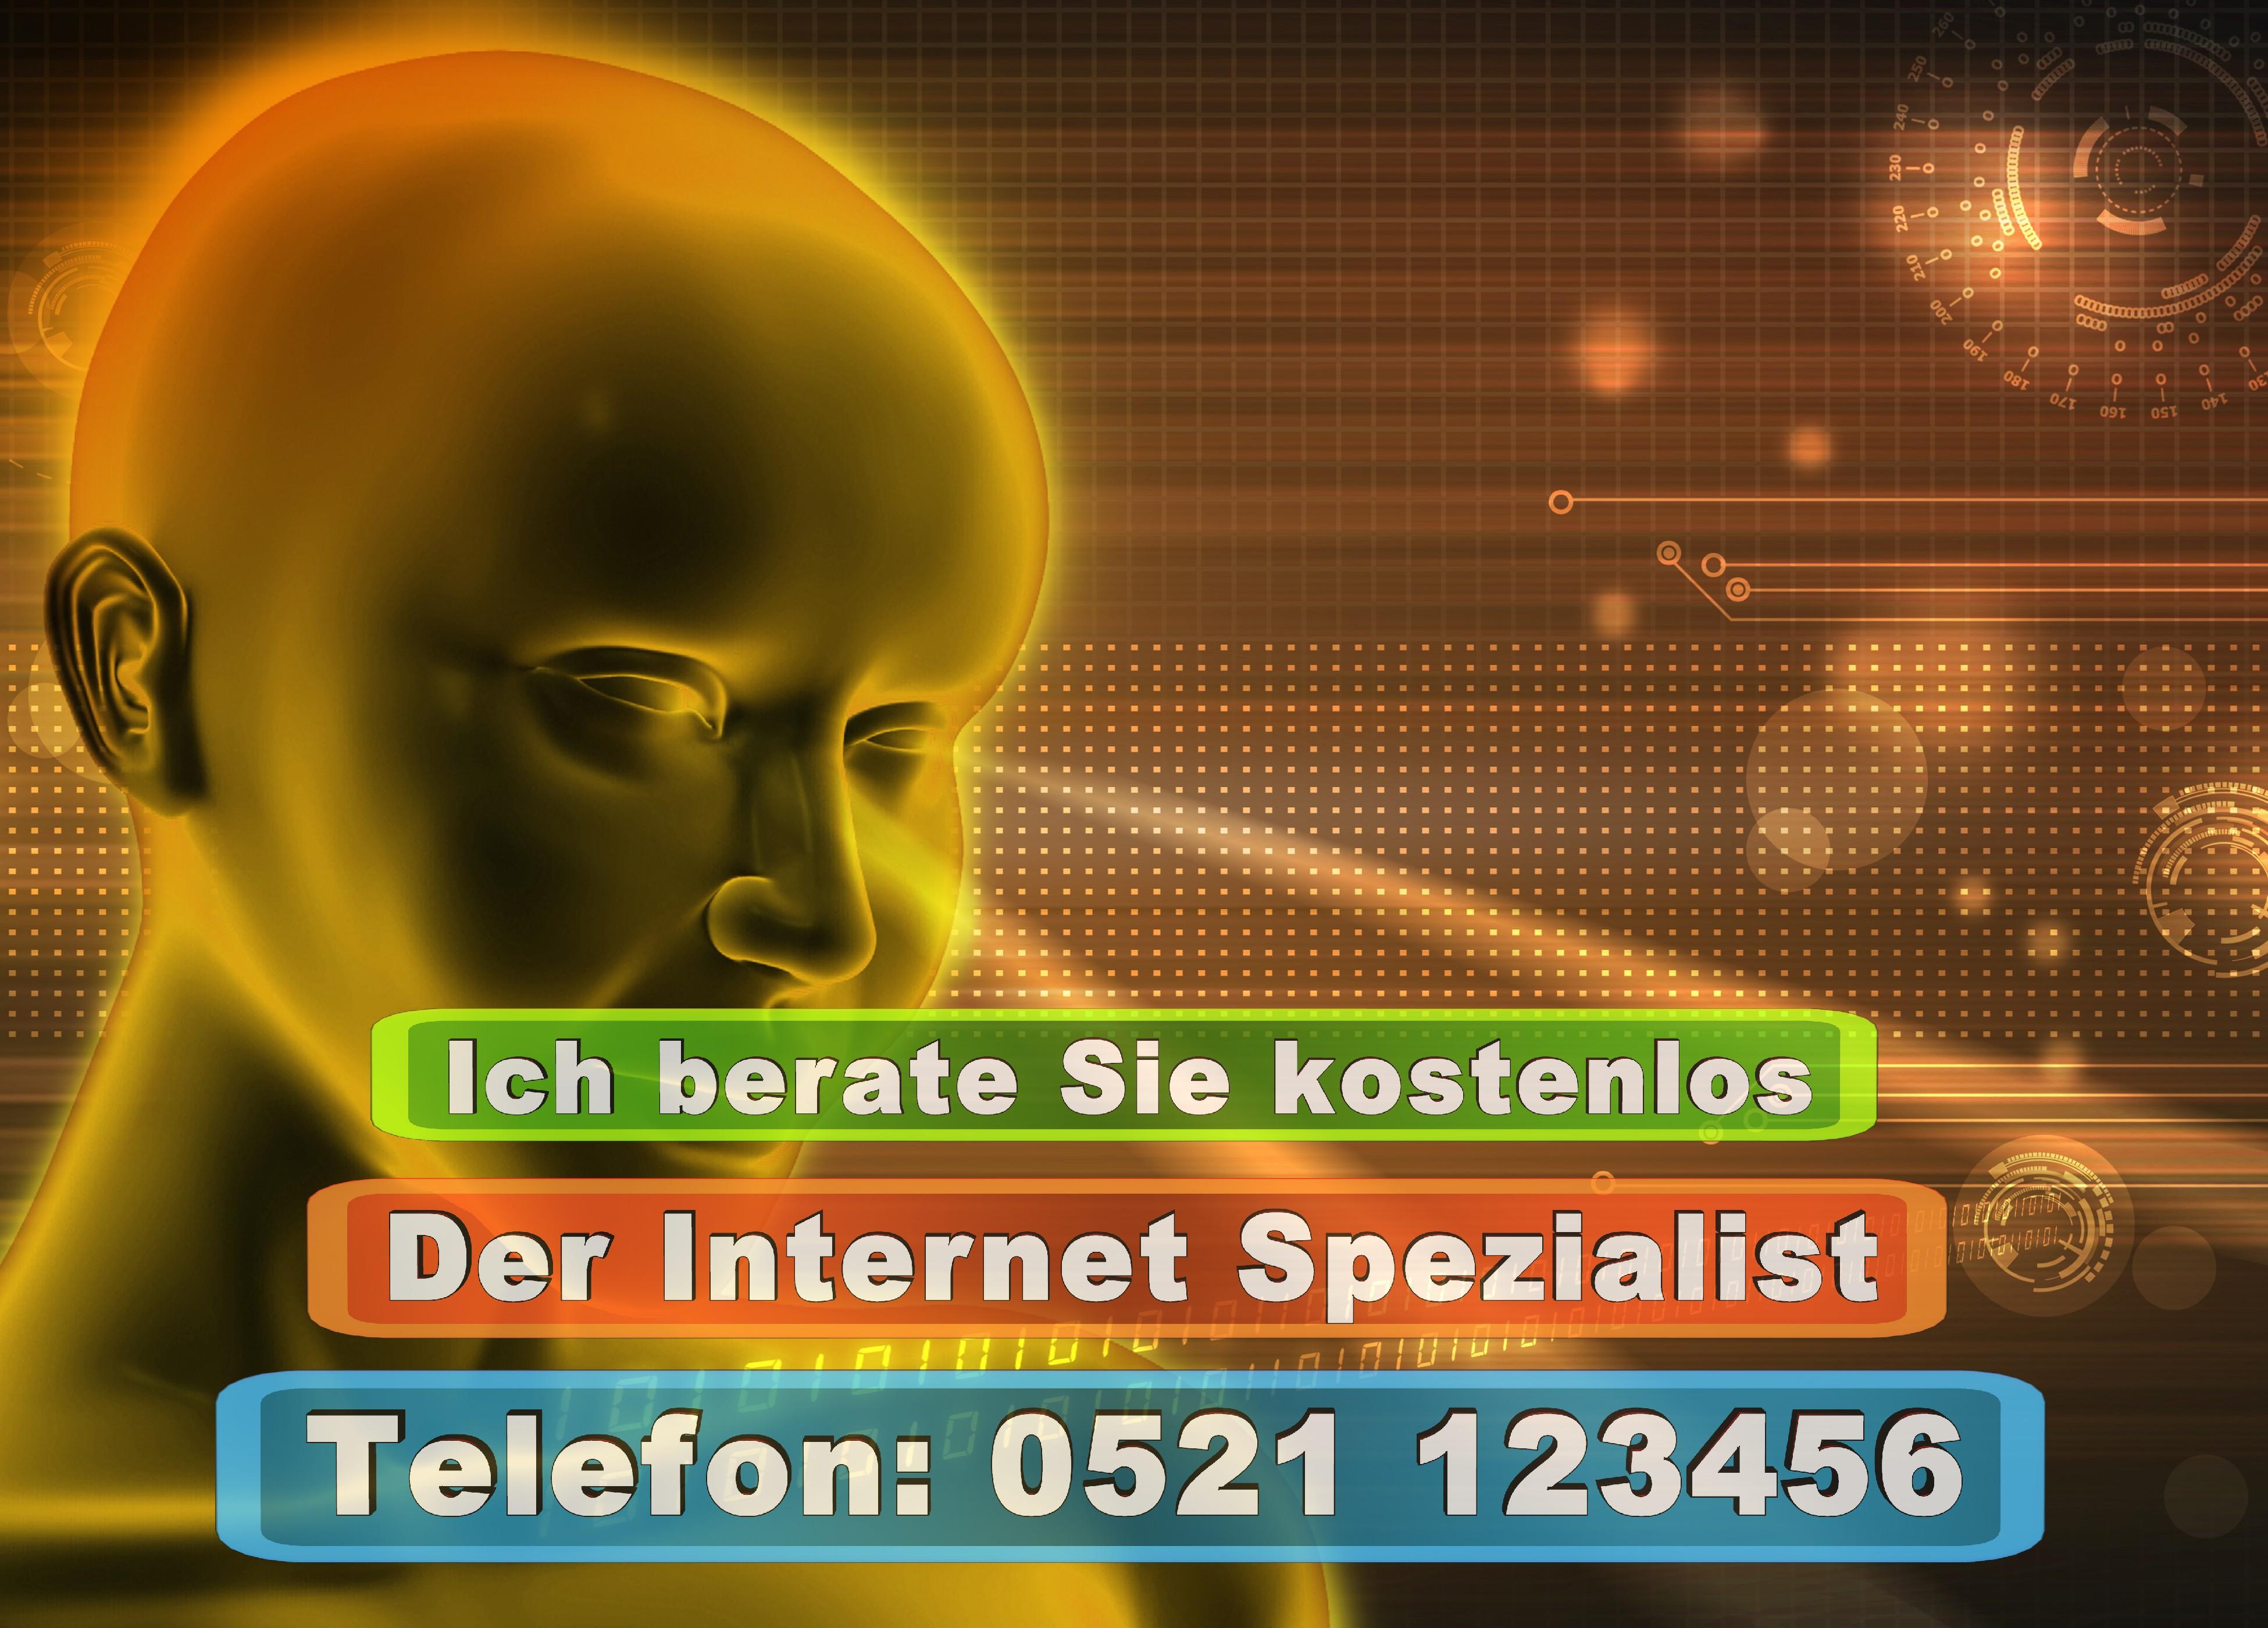 Werbeagentur Bielefeld Druckerei Bielefeld Prospekte Zeitung Visitenkarten Poster Werbung Print Presse Druck Fotografie Fotos Internet (38)